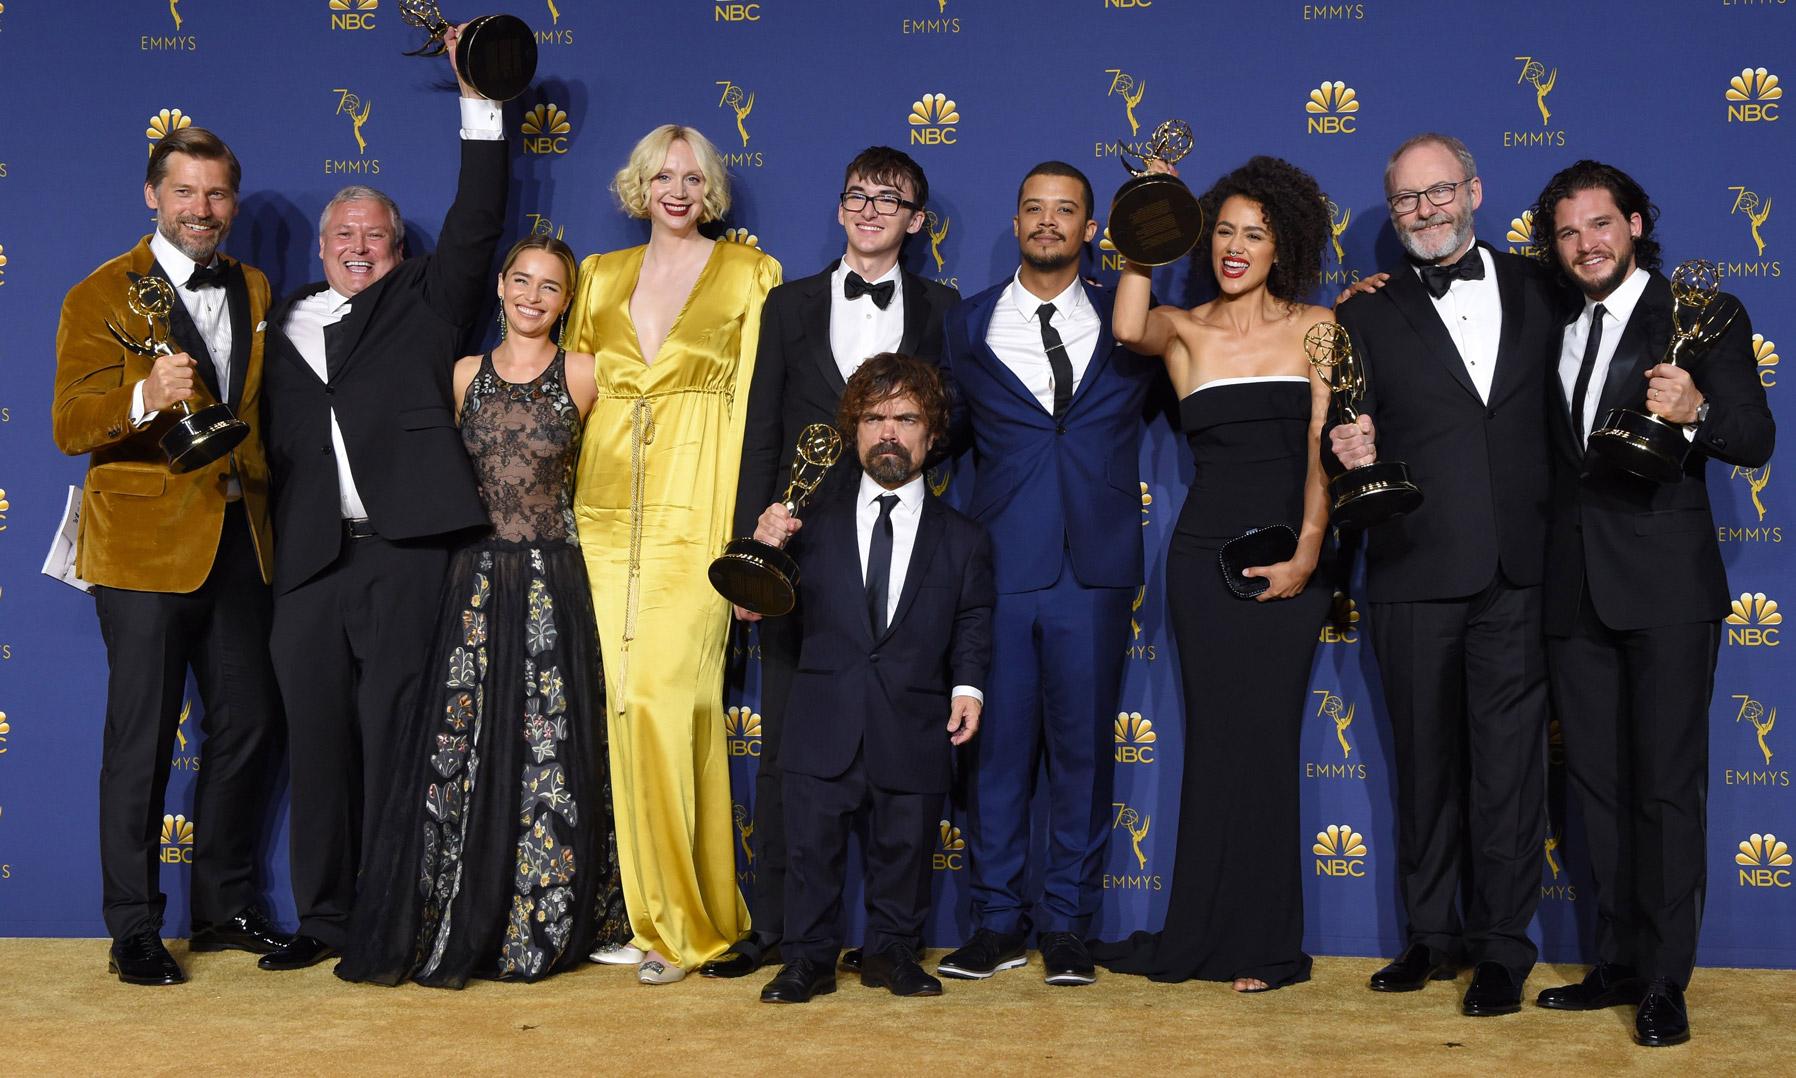 仍是最佳,《权力的游戏》斩获第 71 届艾美奖最佳剧集